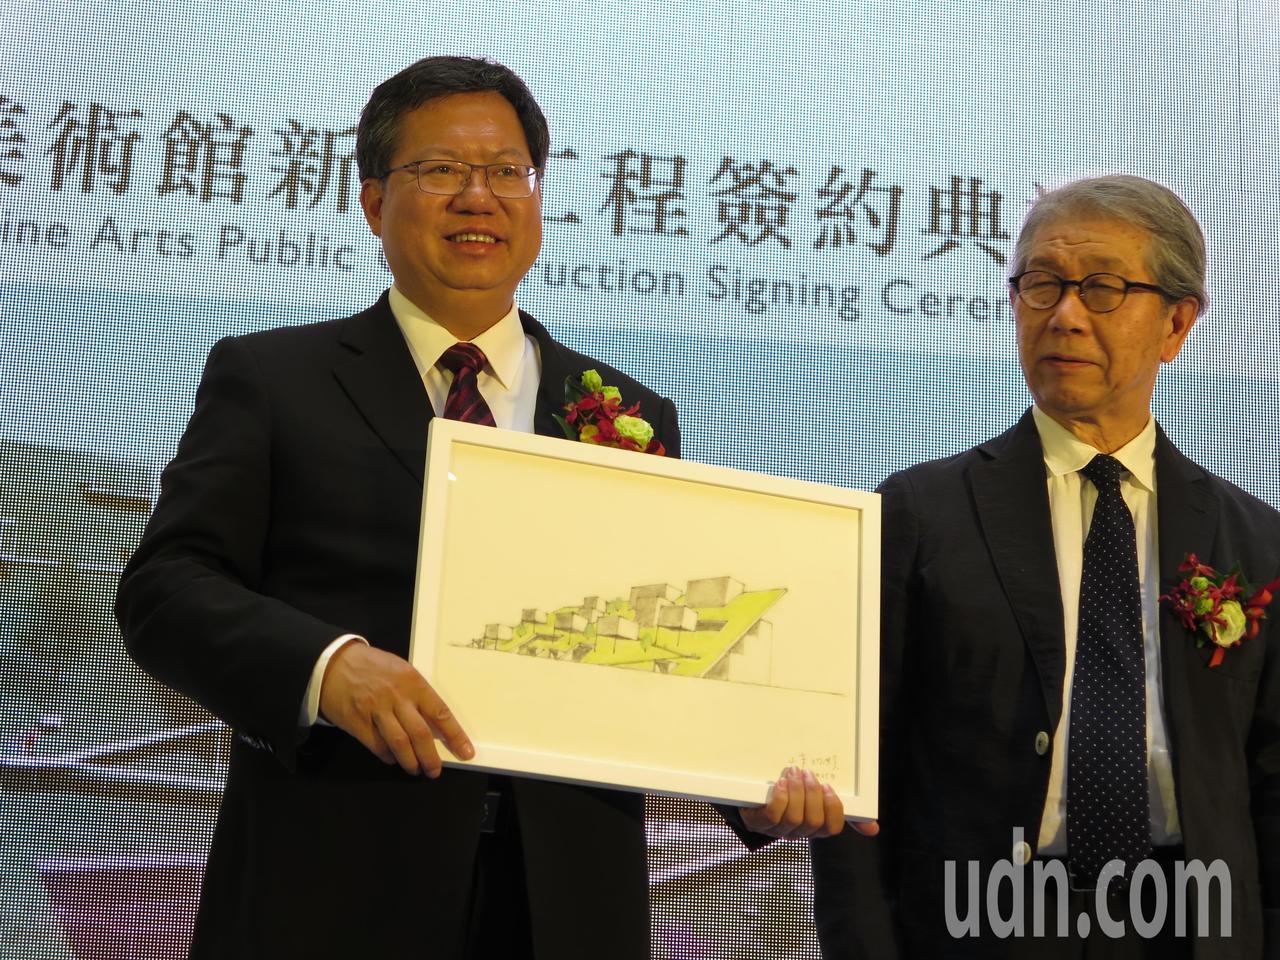 日籍建築師山本理顯(右)今天在簽約儀式上,贈送建築設計手繪圖給市長鄭文燦(左)。...